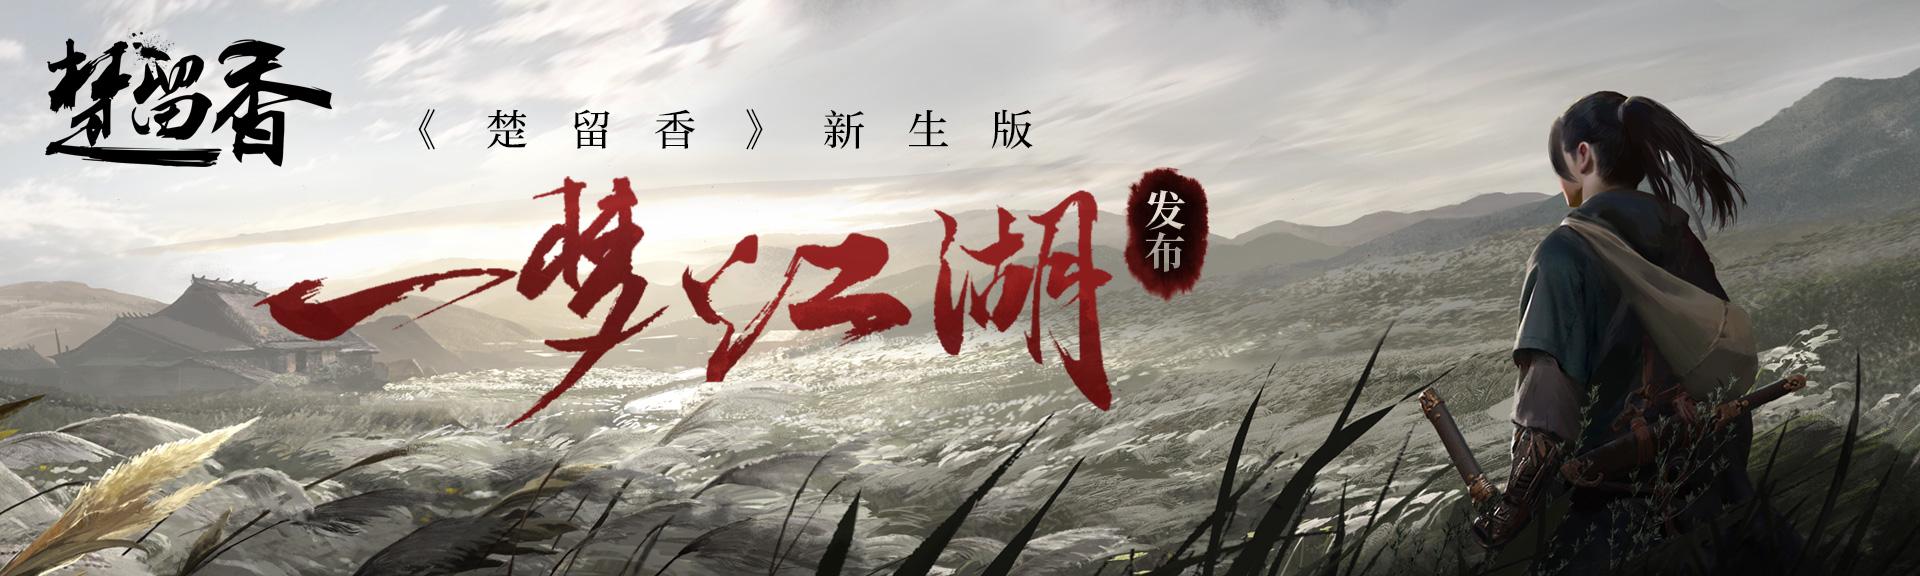 """网易520发布《楚留香》新生版""""一梦江湖"""""""